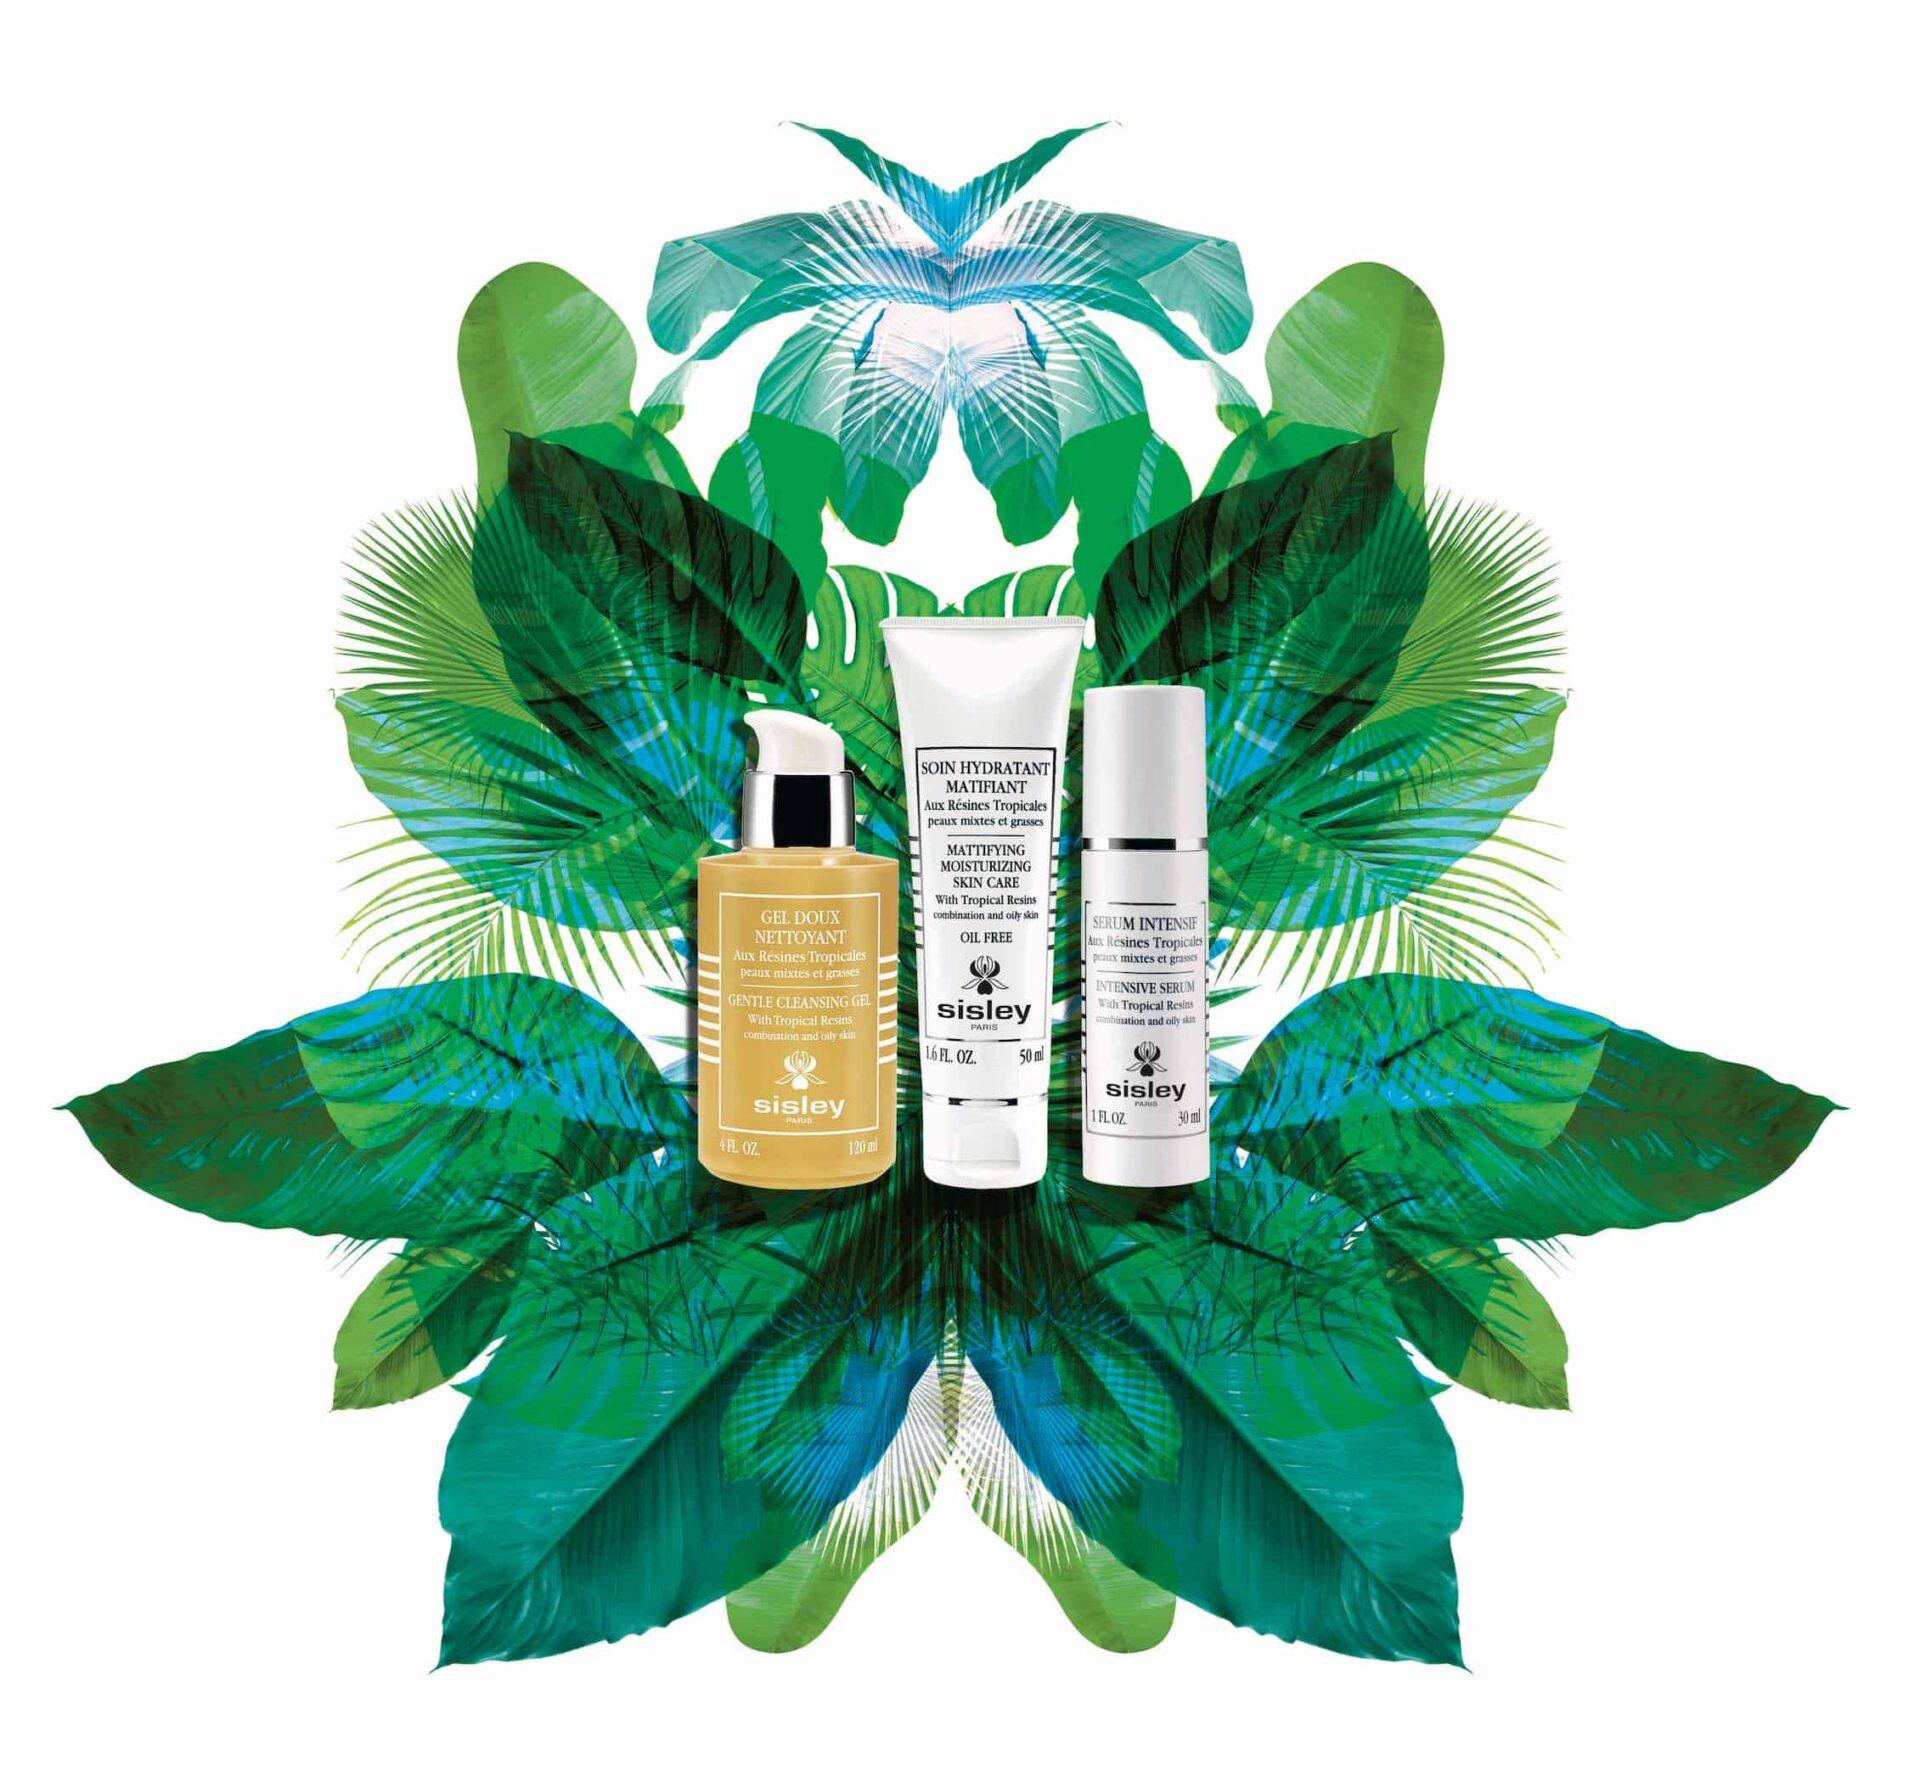 Gamma Aux Résines Tropicales by Sisley, nuovi rimedi efficaci contro la pelle grassa o mista